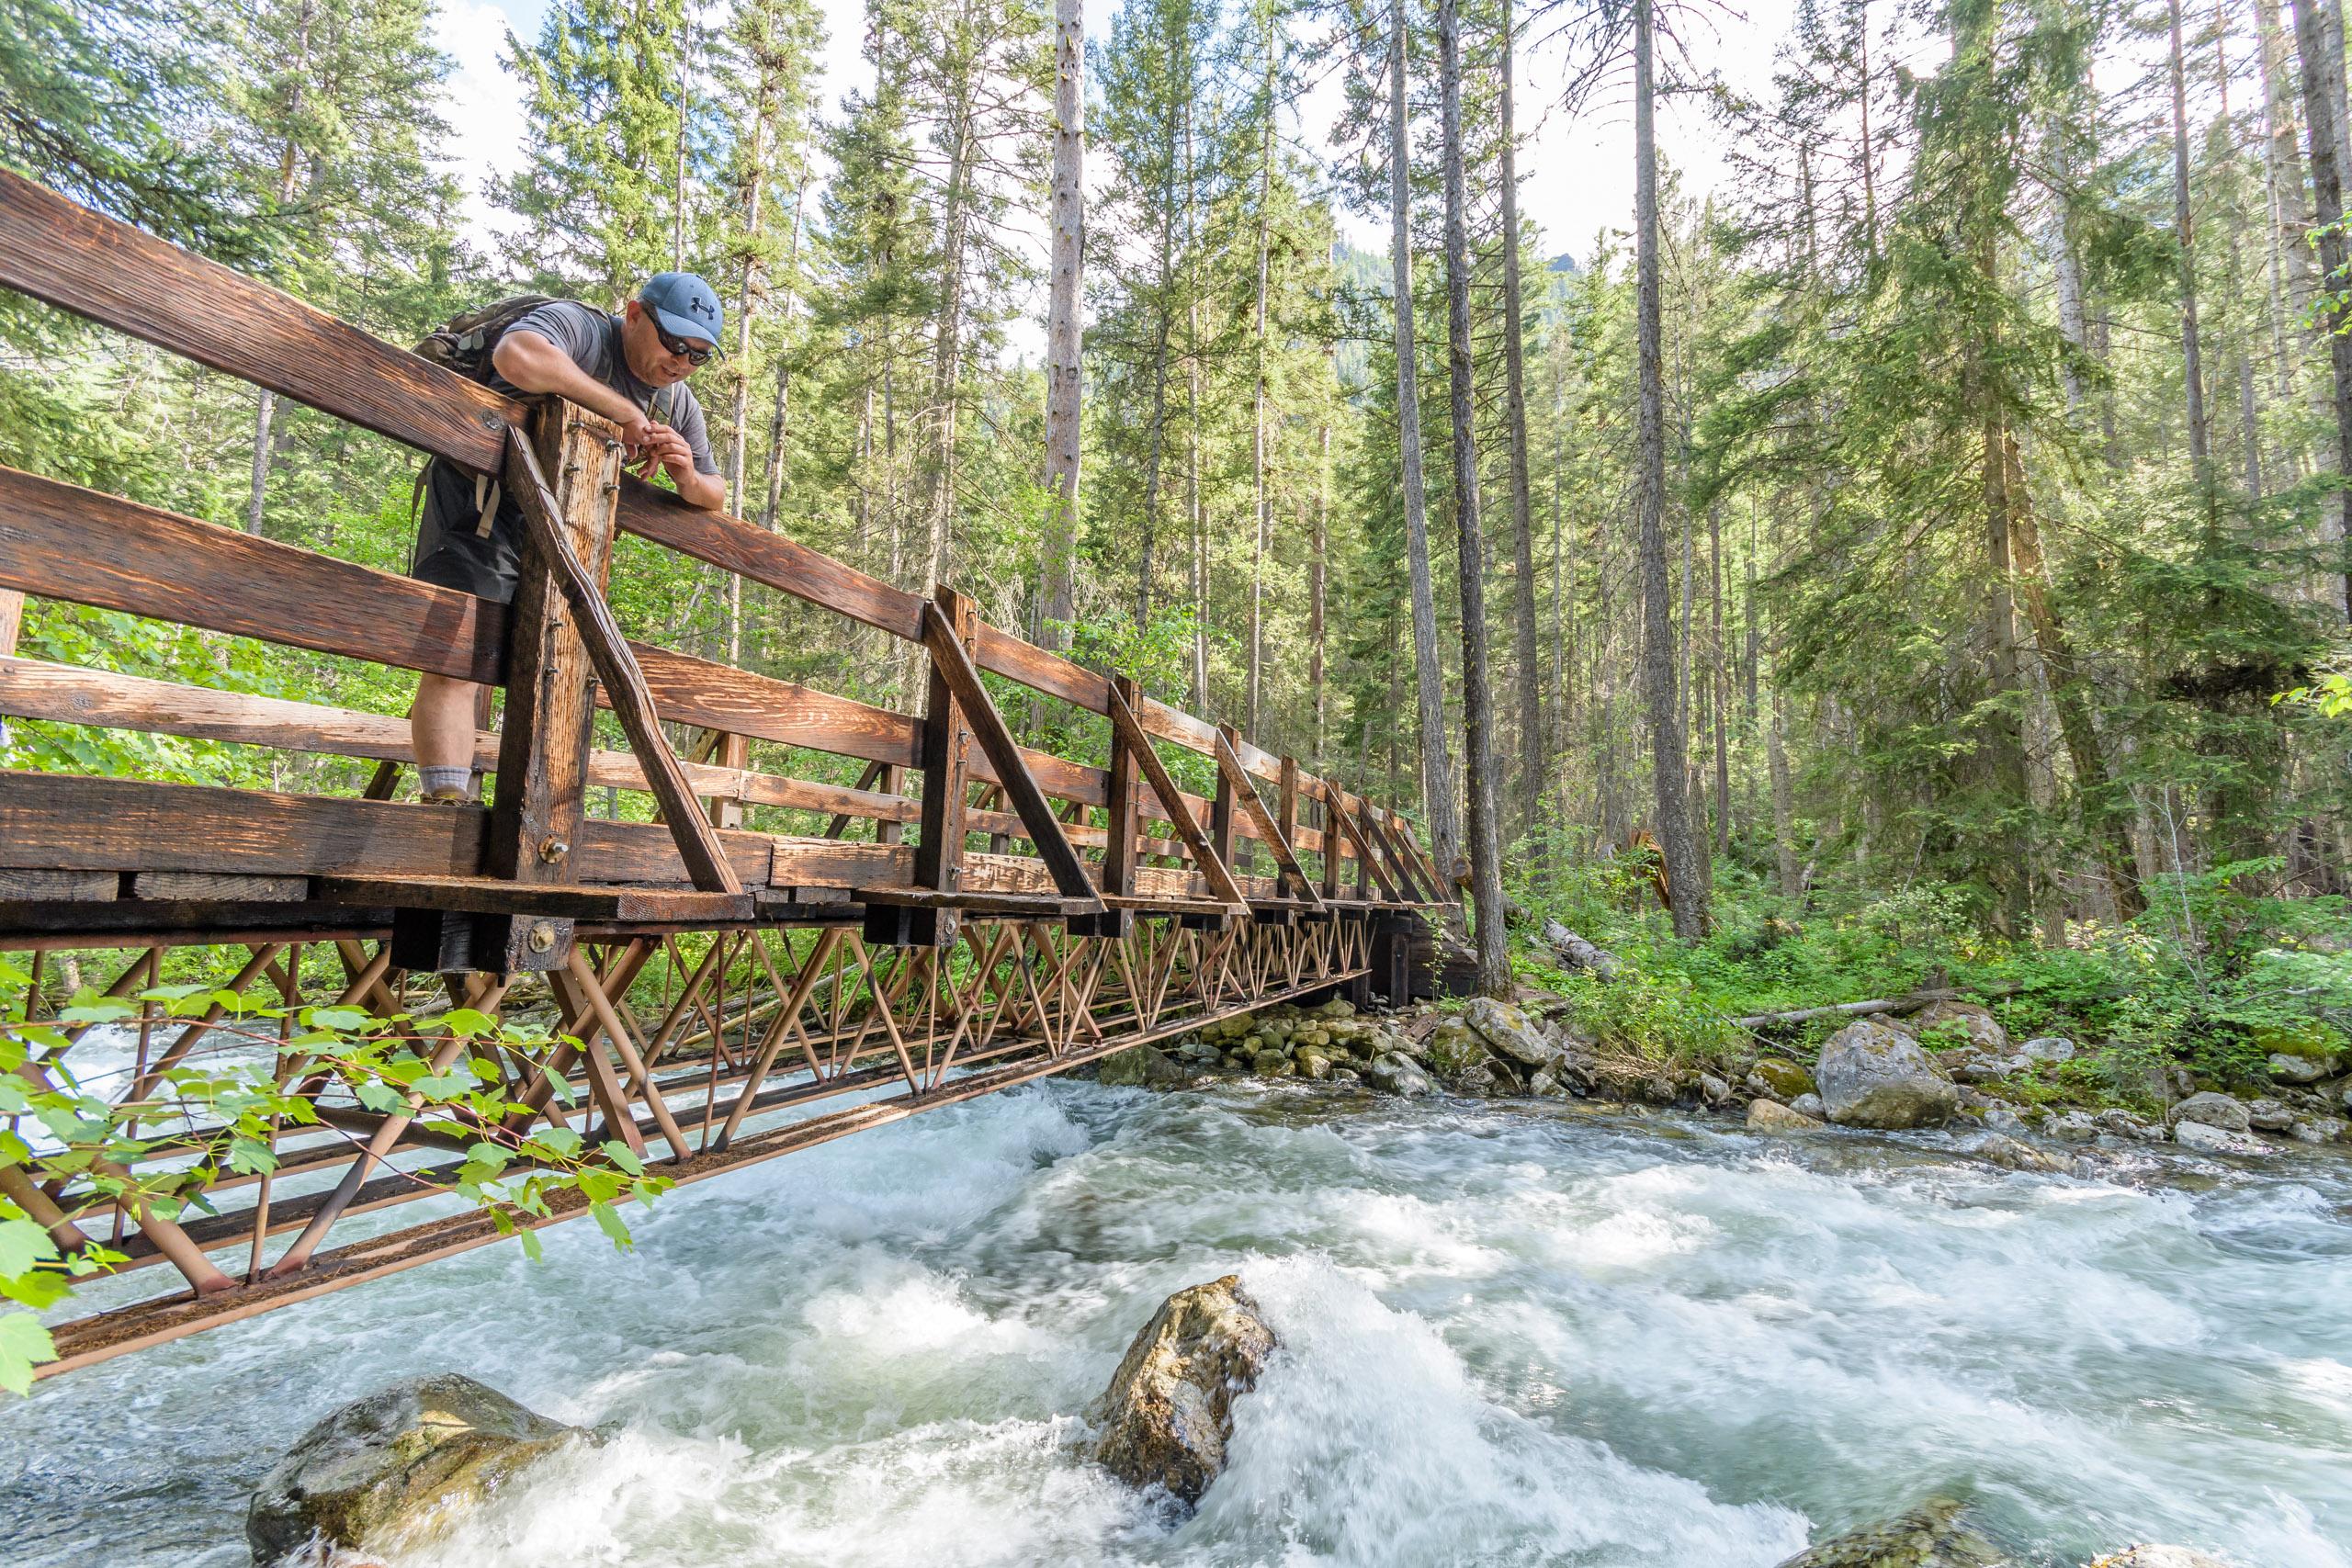 Crossing Big Creek on the pack bridge